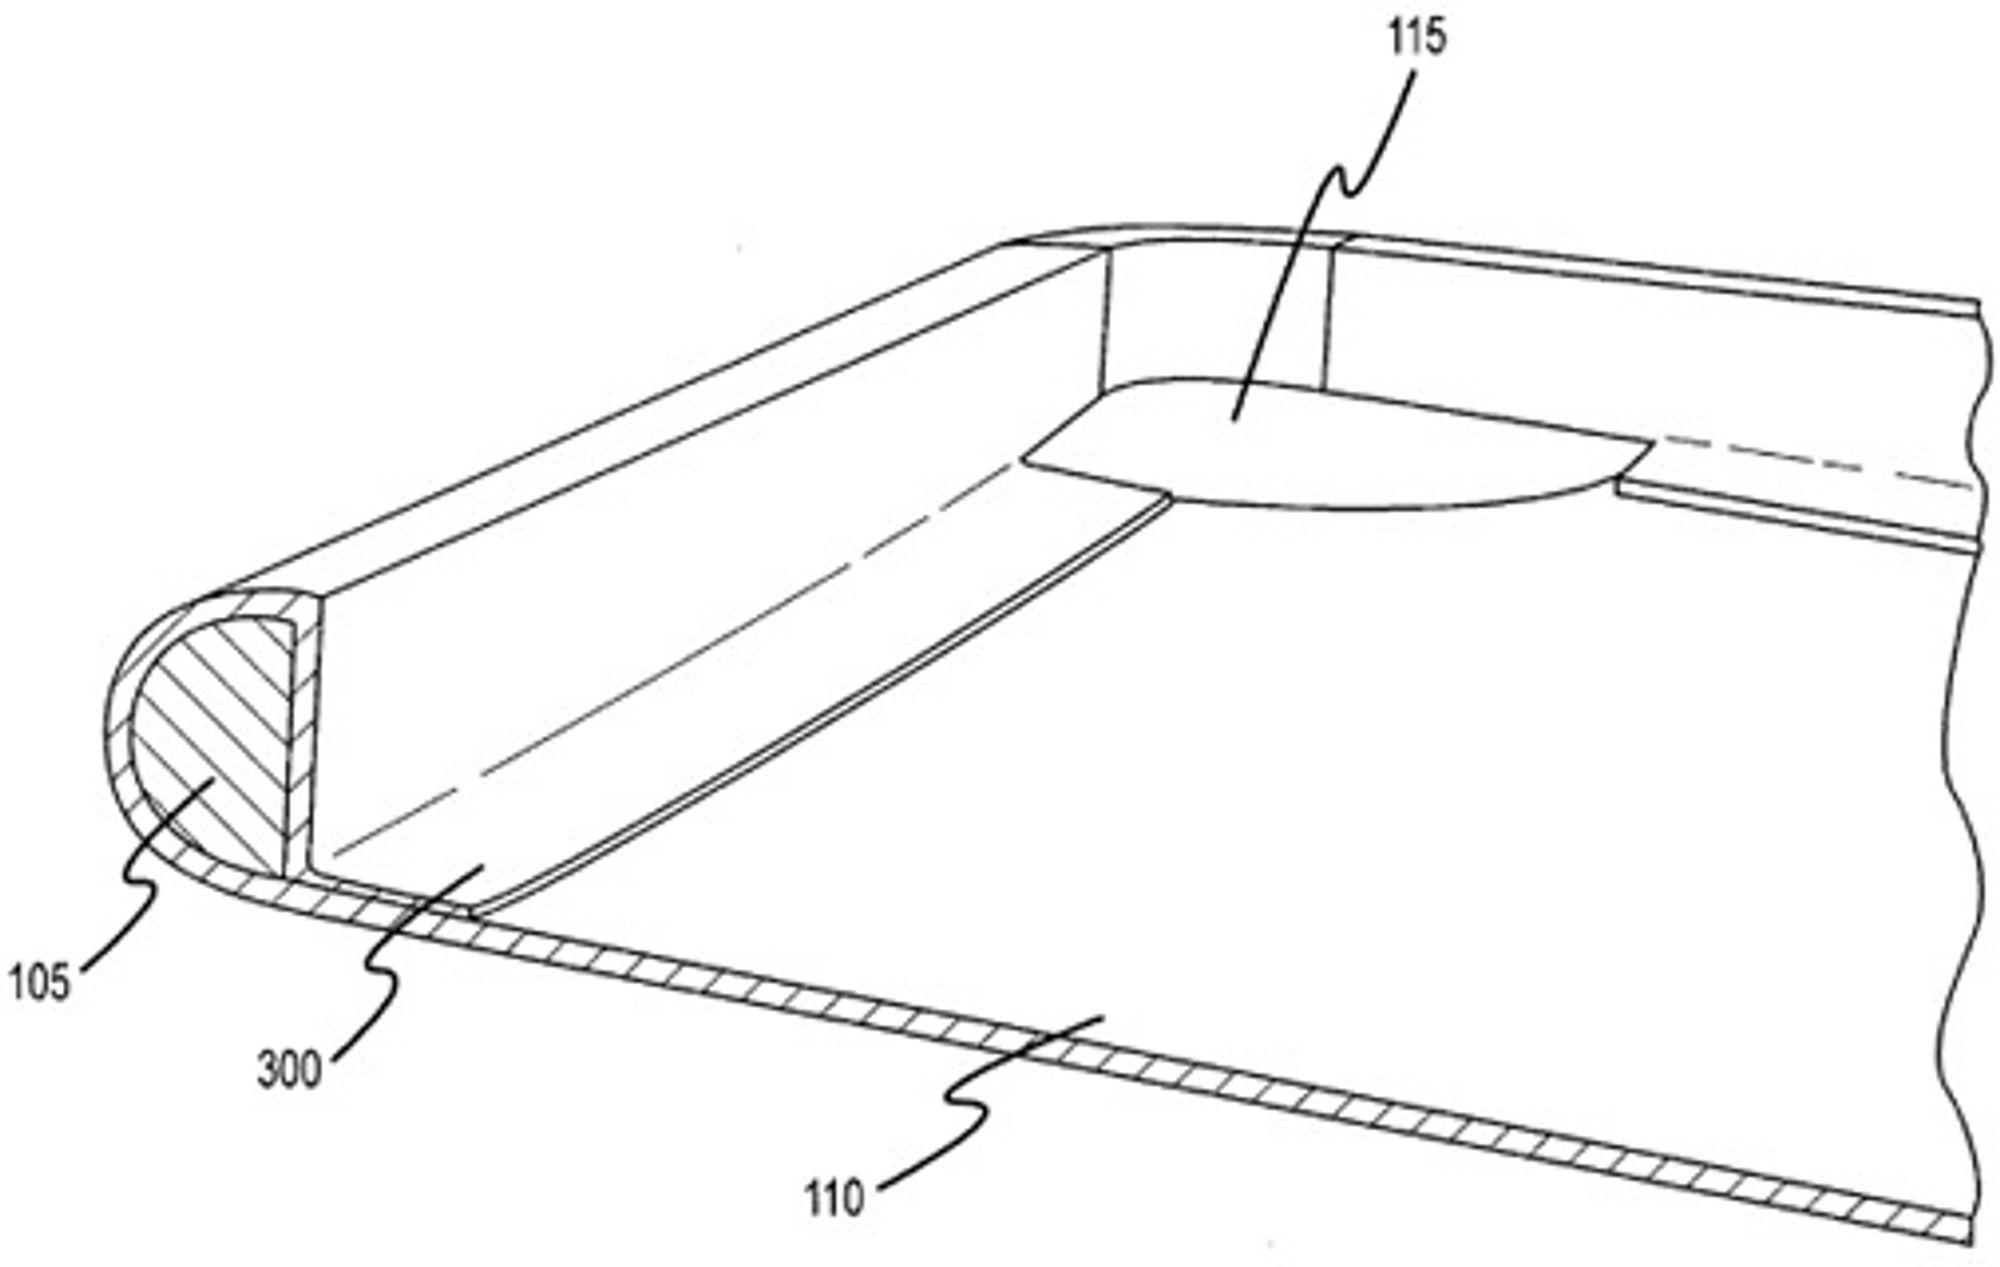 Det er rimelig opplagt hvilket produkt patentsøknaden omhandler.